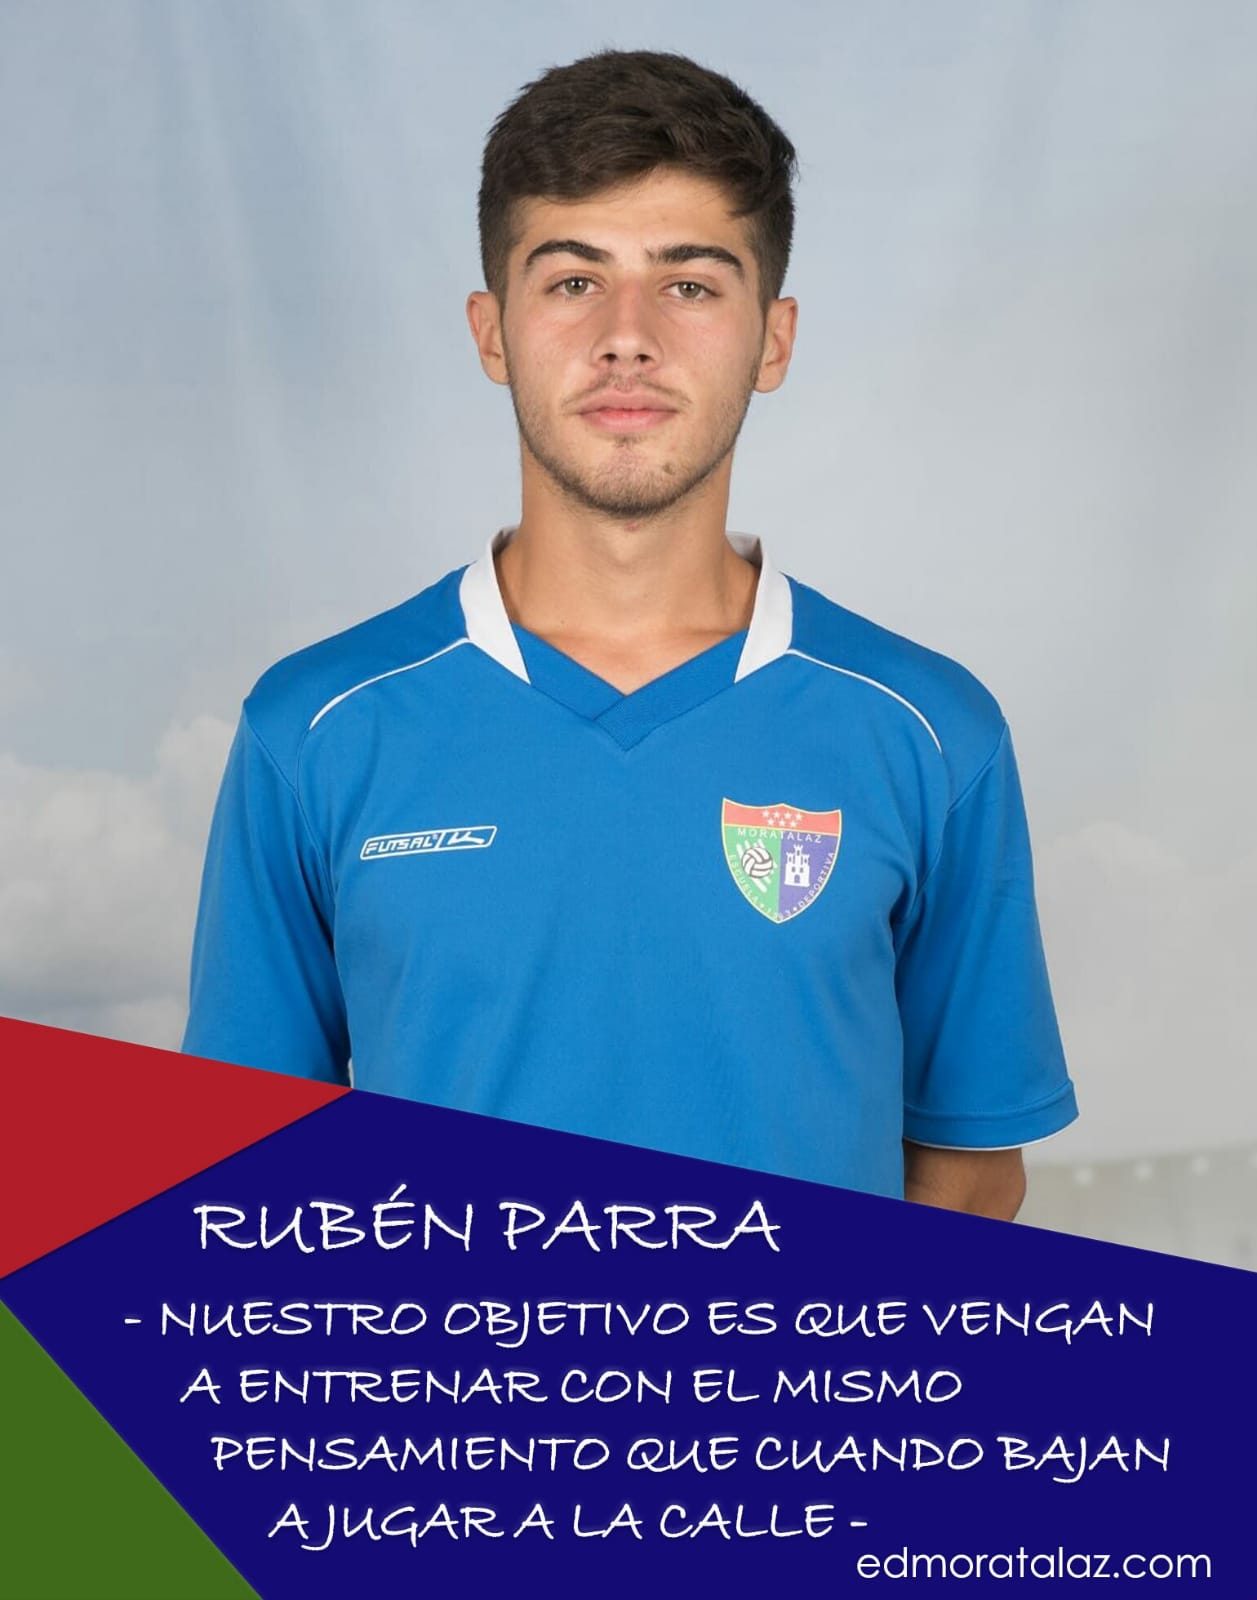 """Rubén Parra: """"Nuestro objetivo es que vengan a entrenar con el mismo pensamiento que cuando bajan a jugar a la calle"""""""